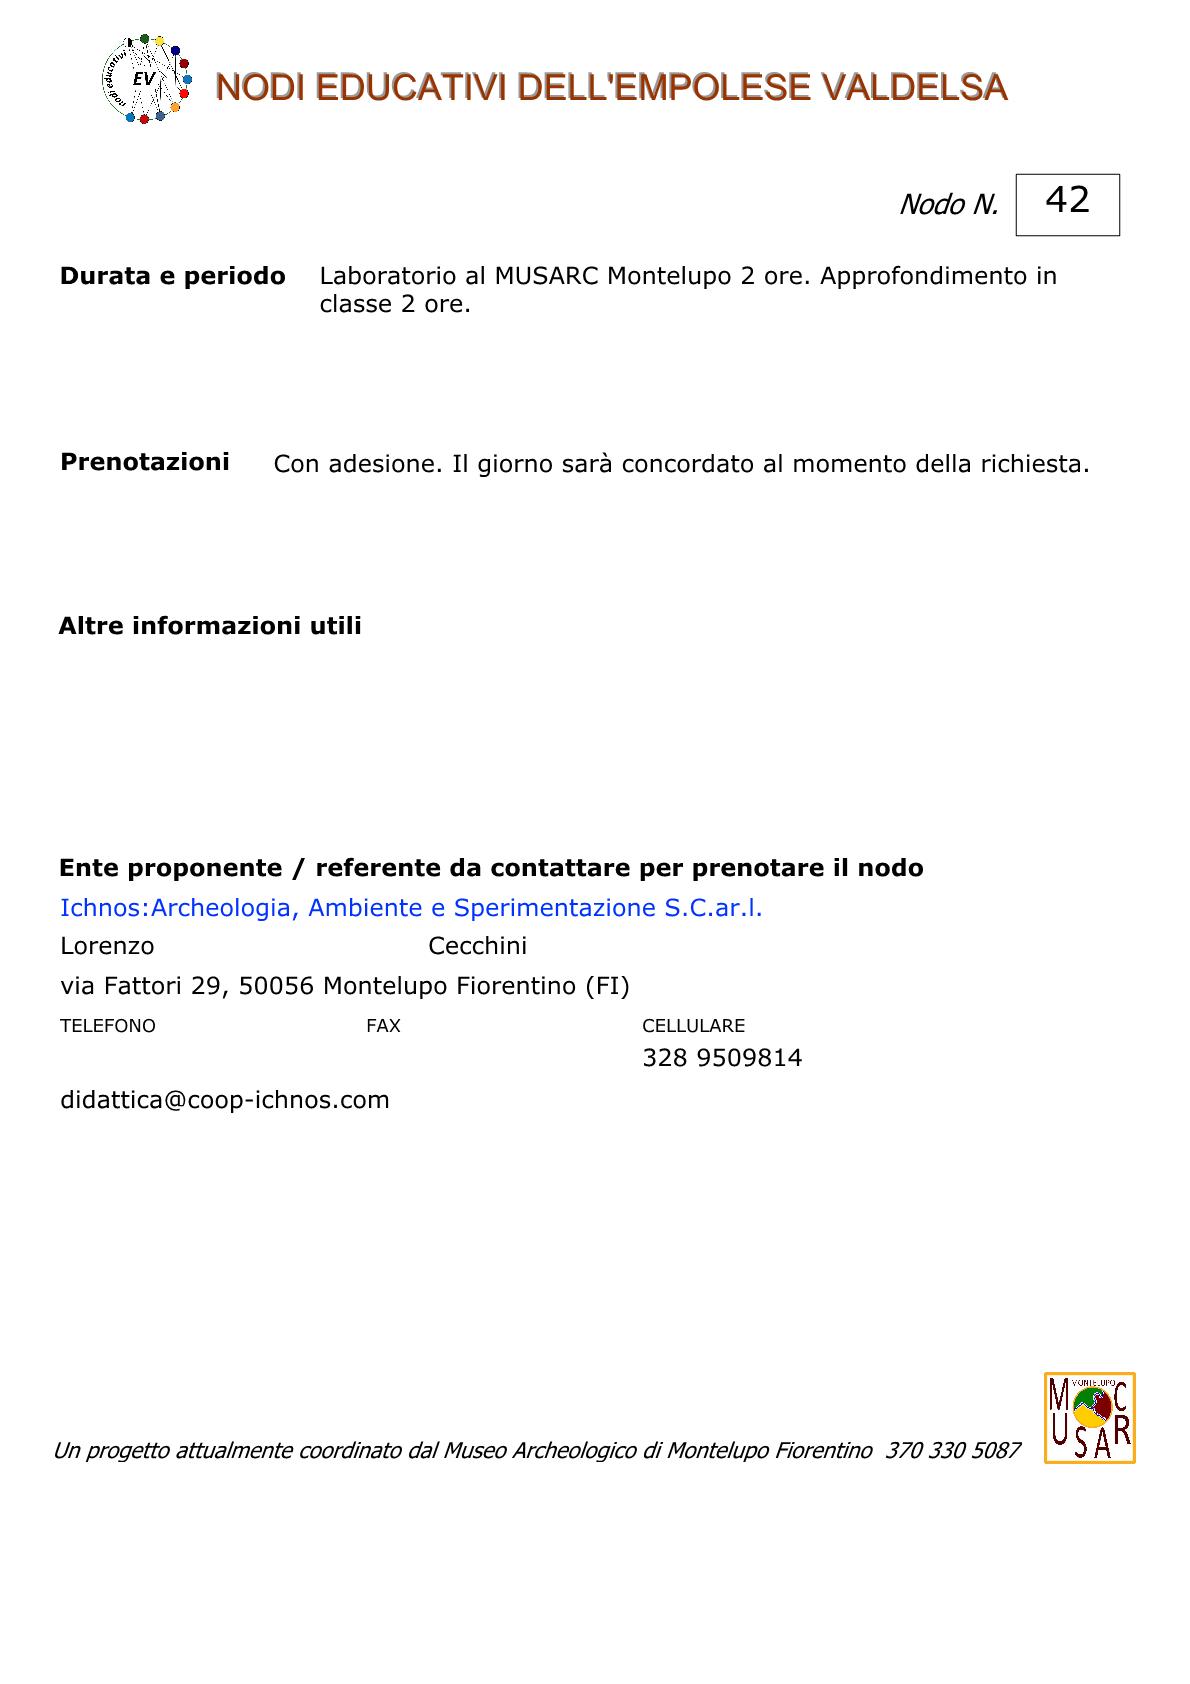 nodi-ev-161001-n-0423